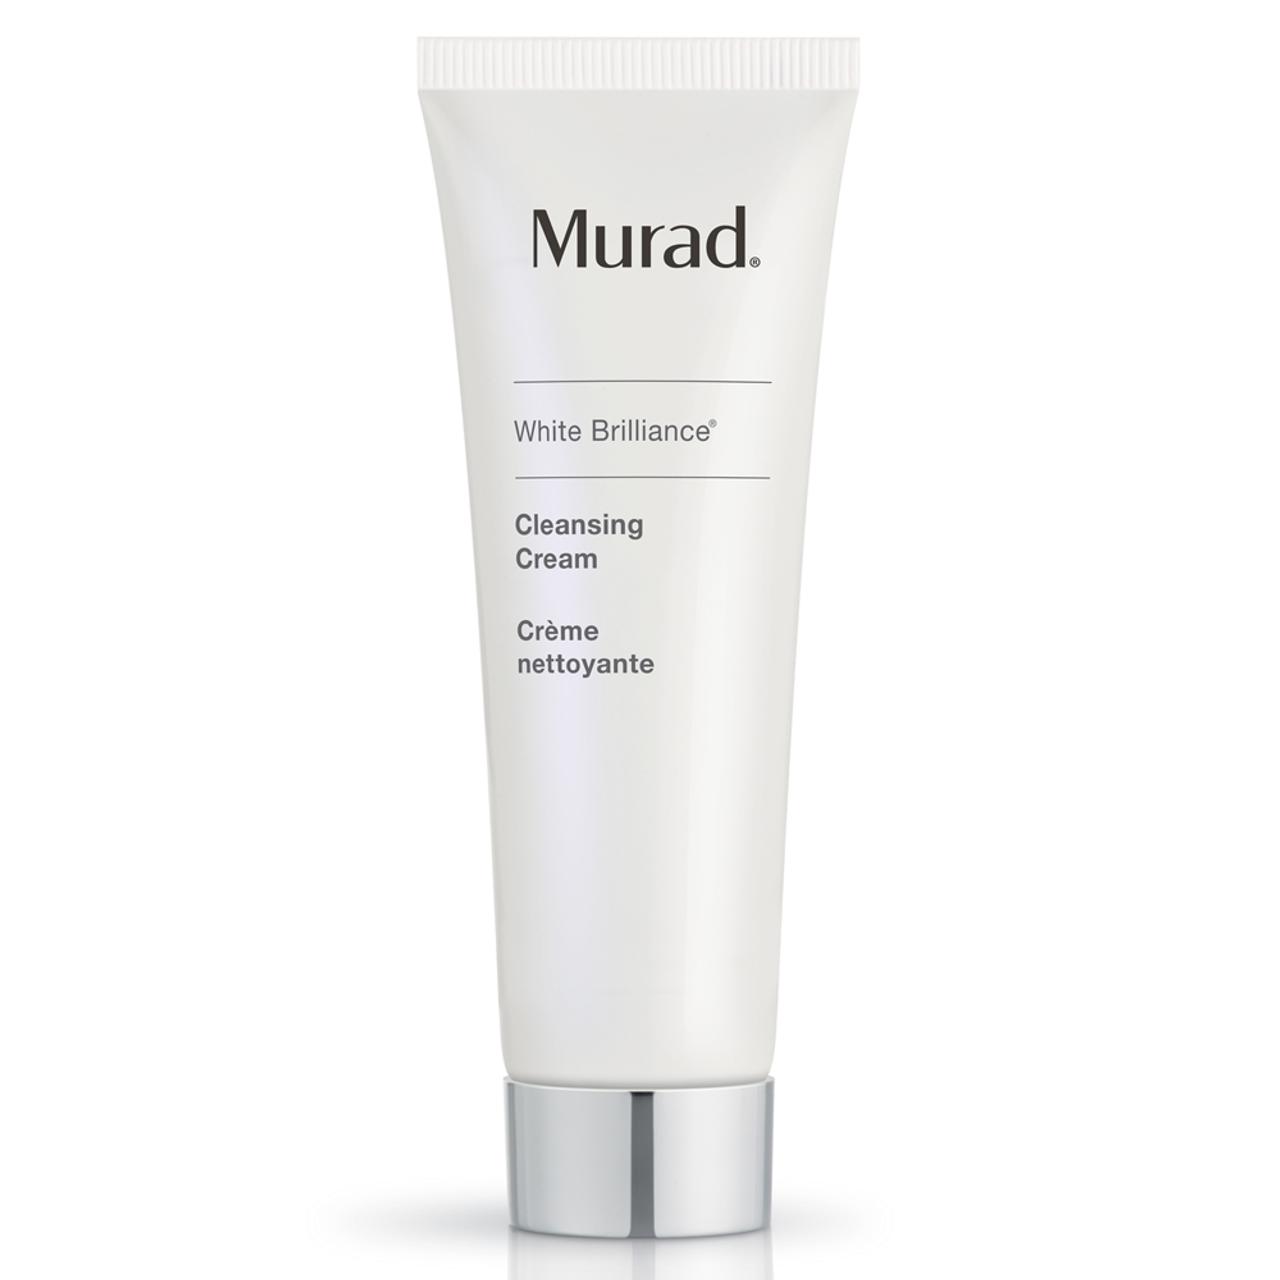 Murad White Brilliance Cleansing Cream  4.5 oz